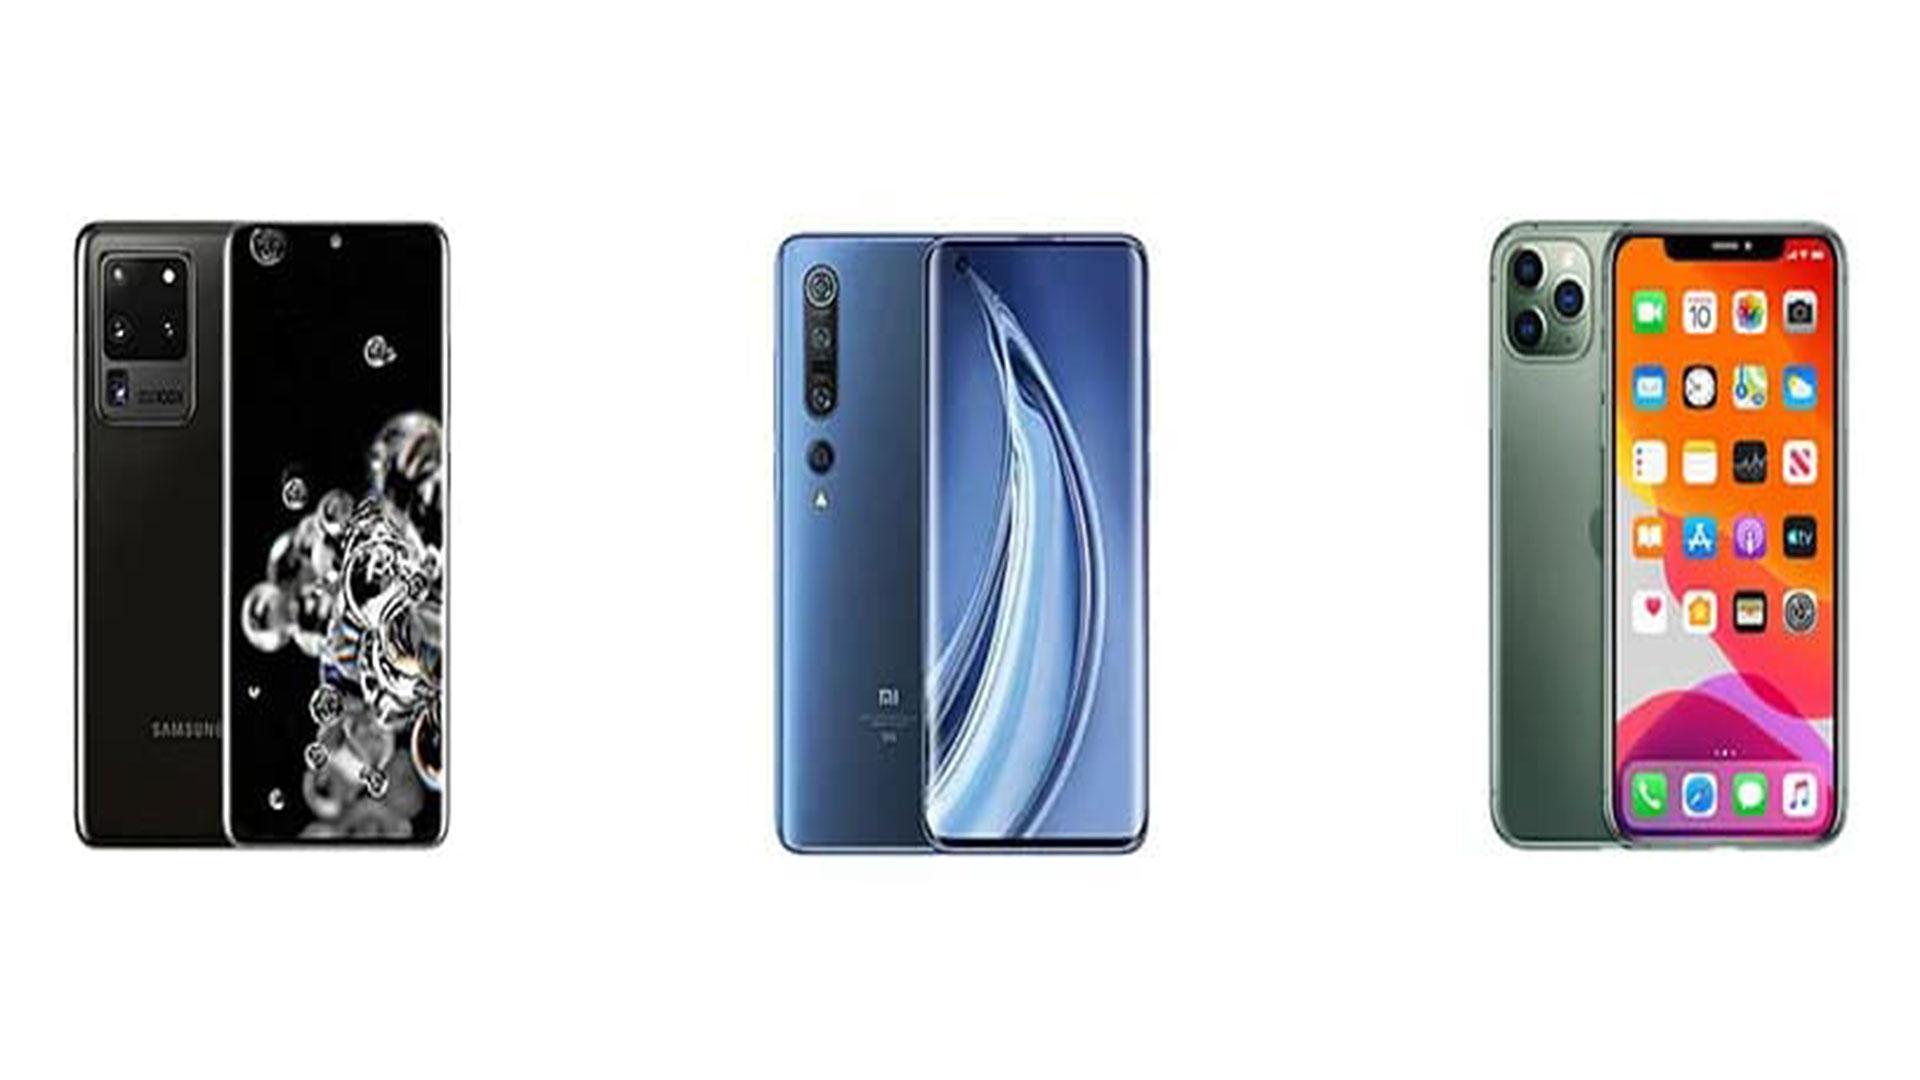 مقایسه گوشی موبایل iphone 11 pro max و samsung s20 ultra و xiaomi mi 10 pro